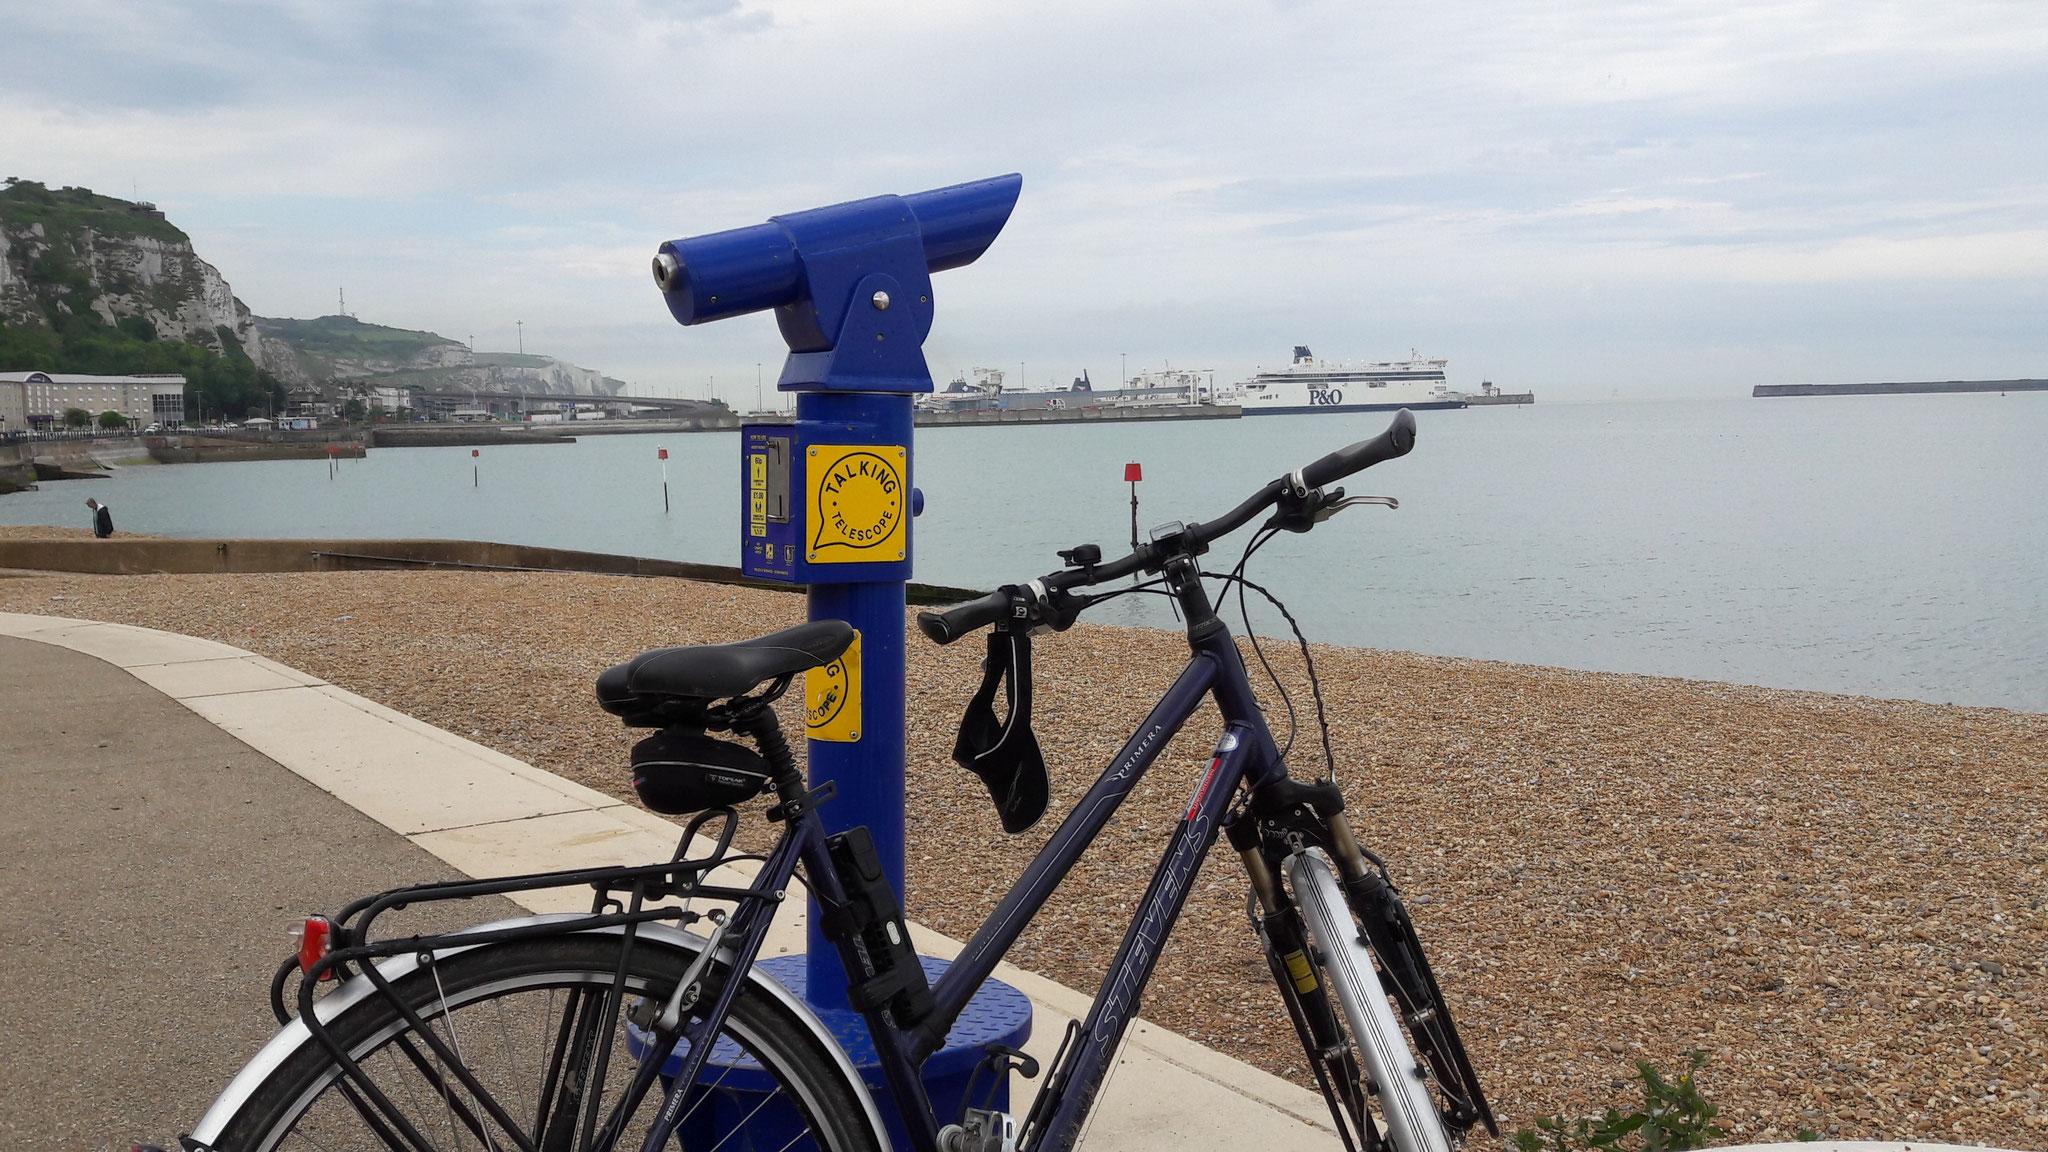 Am Strand mein Fahrrad frei von meiner Last hält gleich eine ganze Fähre